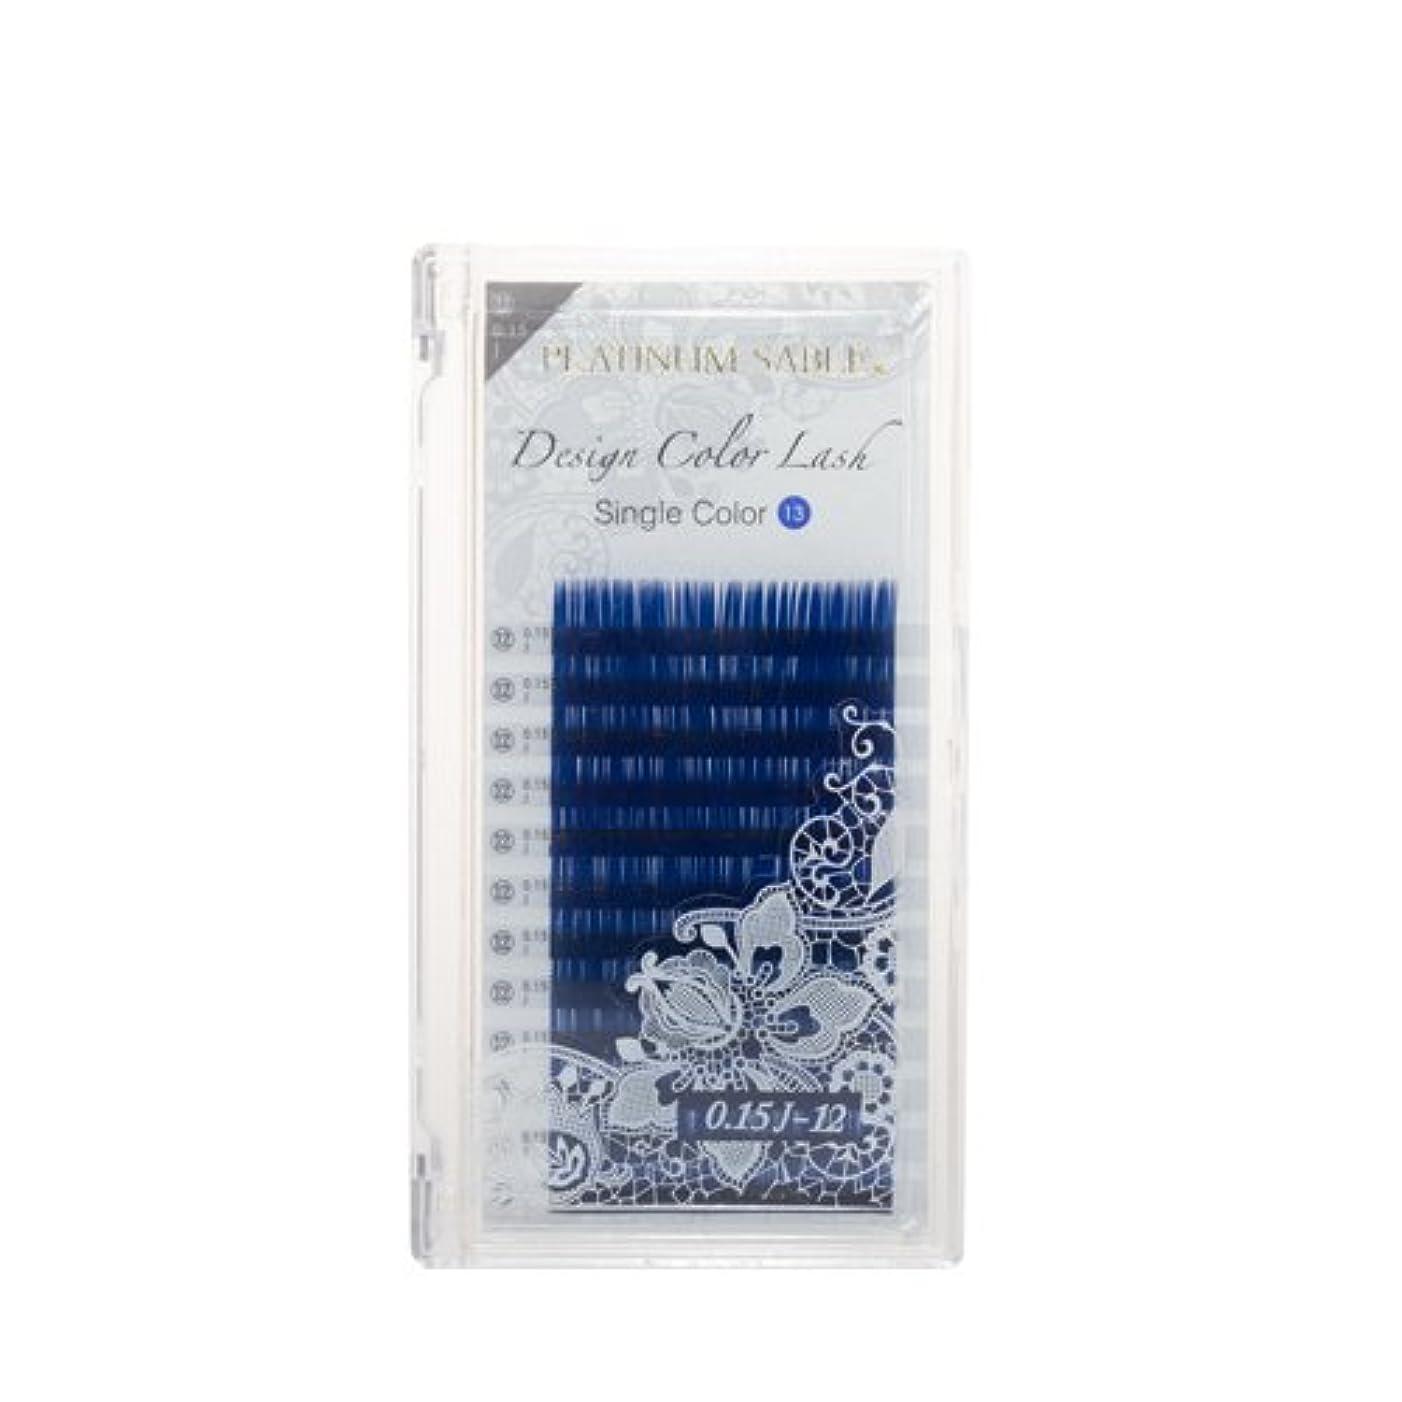 布振りかける本能プラチナセーブルデザインカラー0.15mmC13mmロイヤルブルー